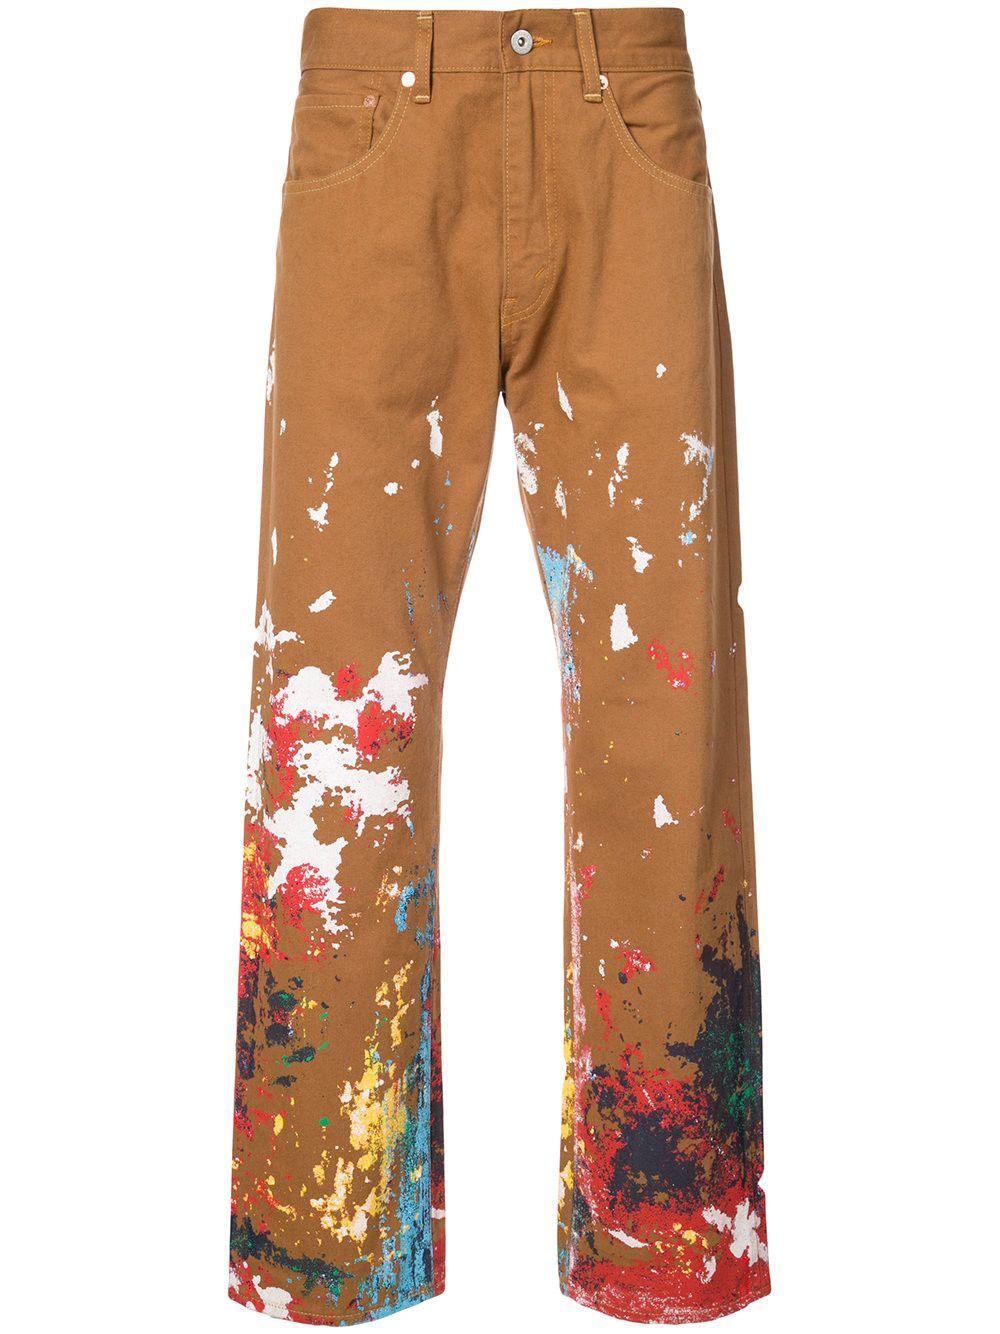 b8cf9c11 JUNYA WATANABE Junya Watanabe Man x Carhartt paint splatter trousers.  #junyawatanabe #cloth #